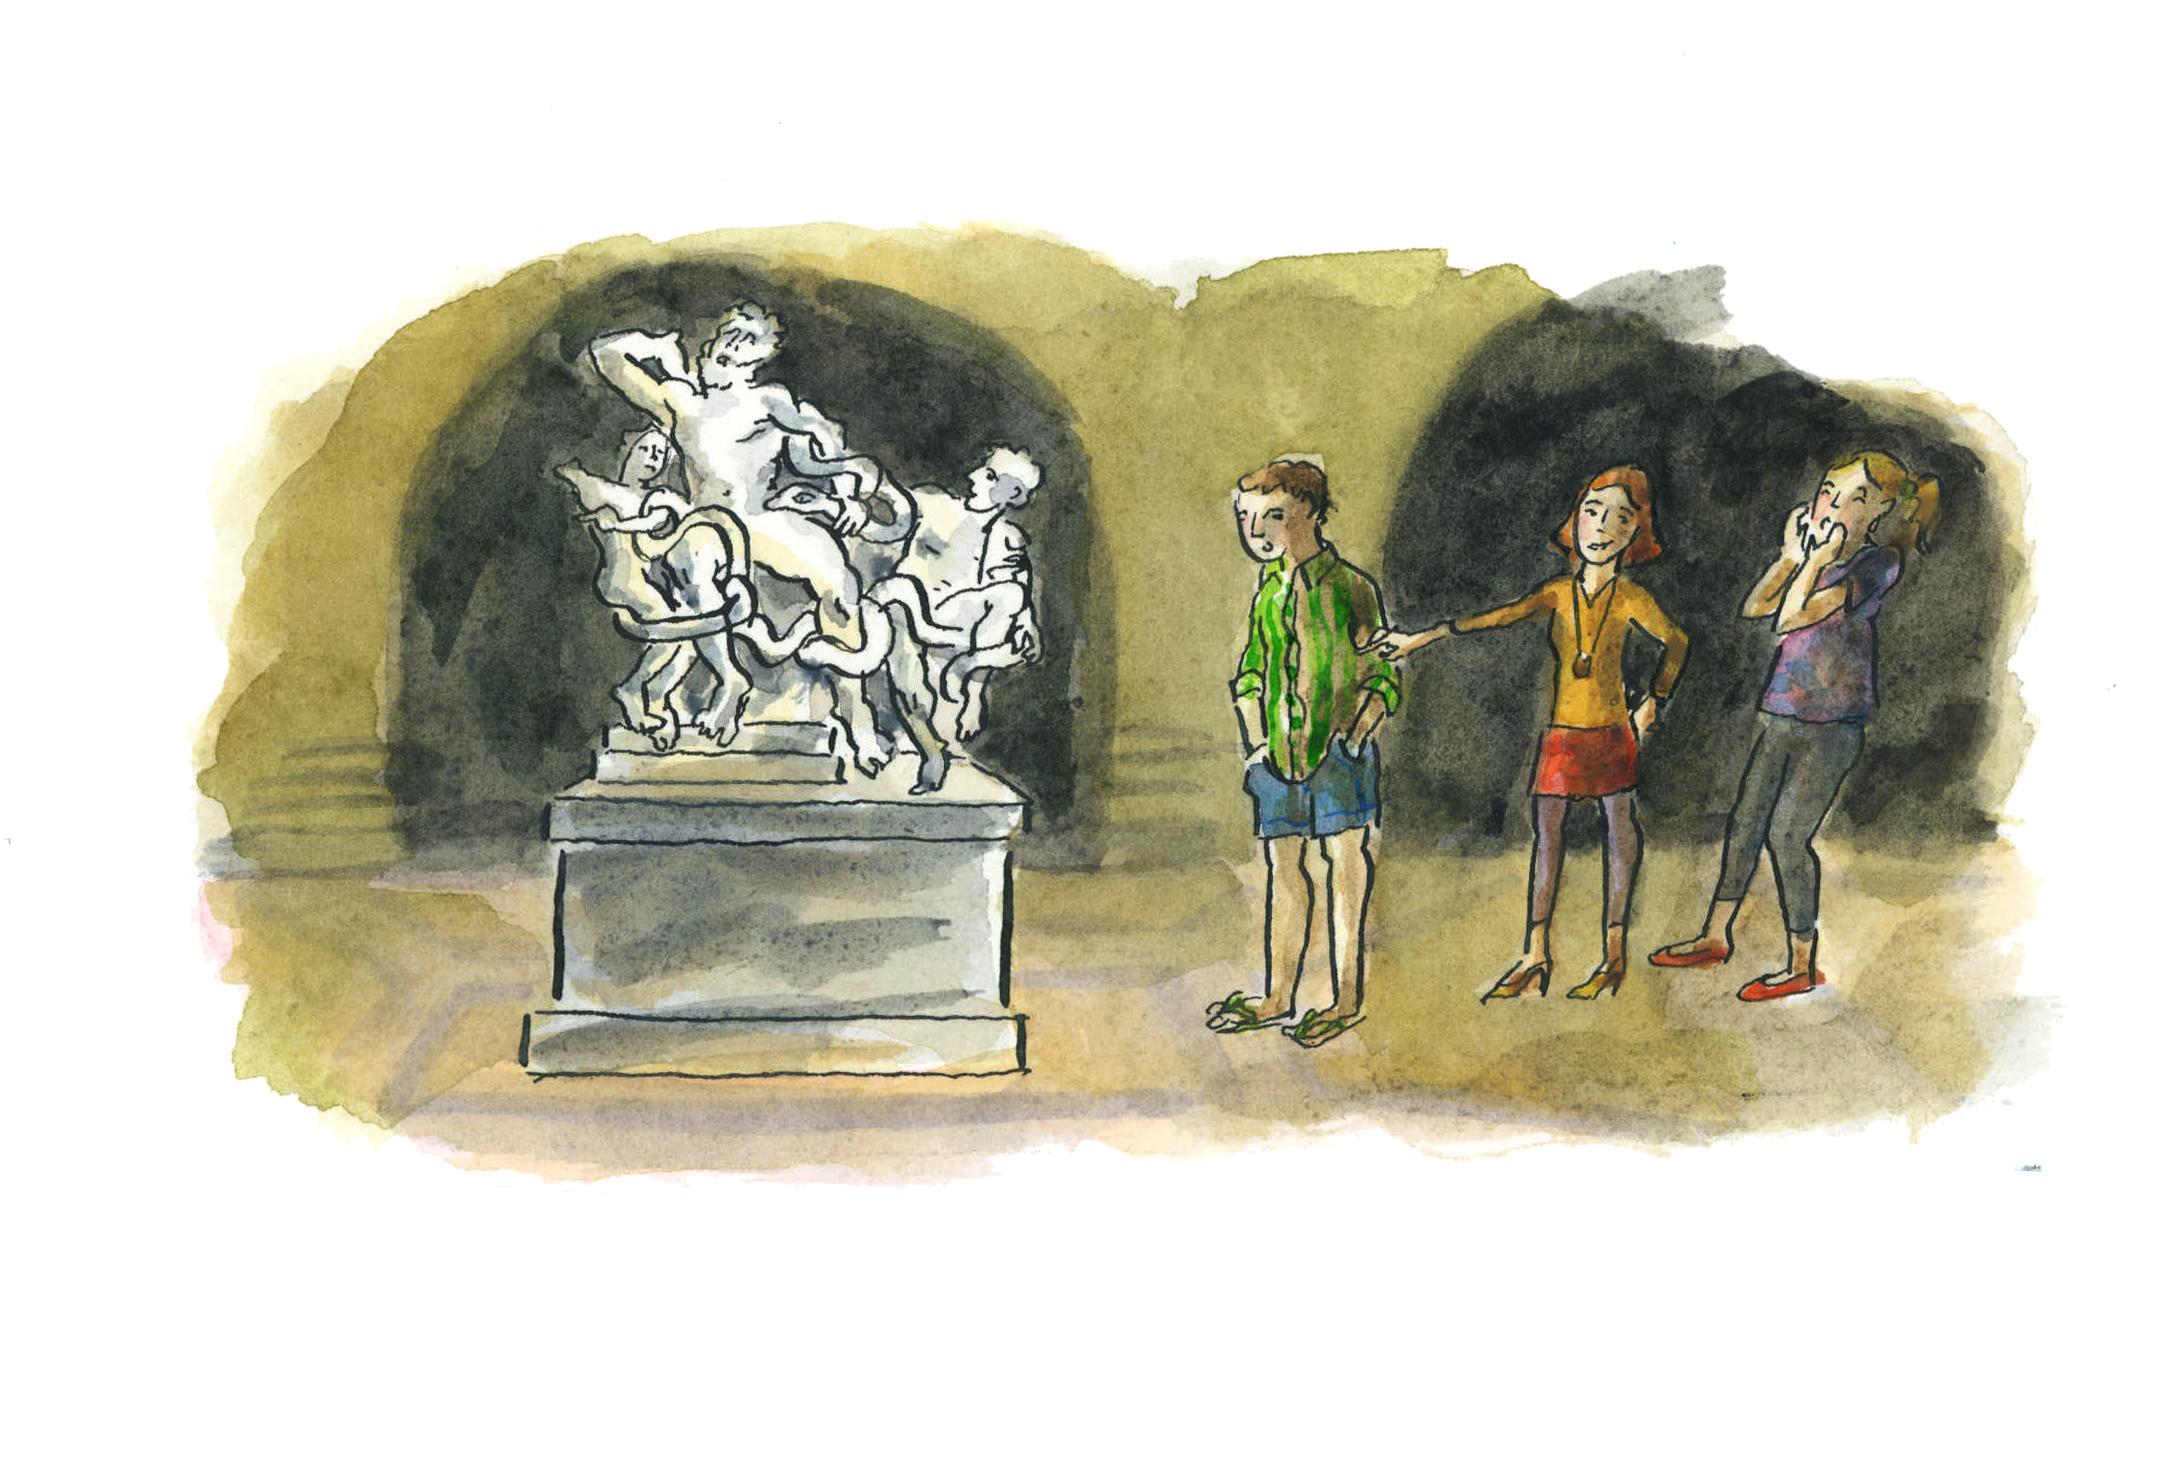 meredith calder website drawing of lacoon2.jpg